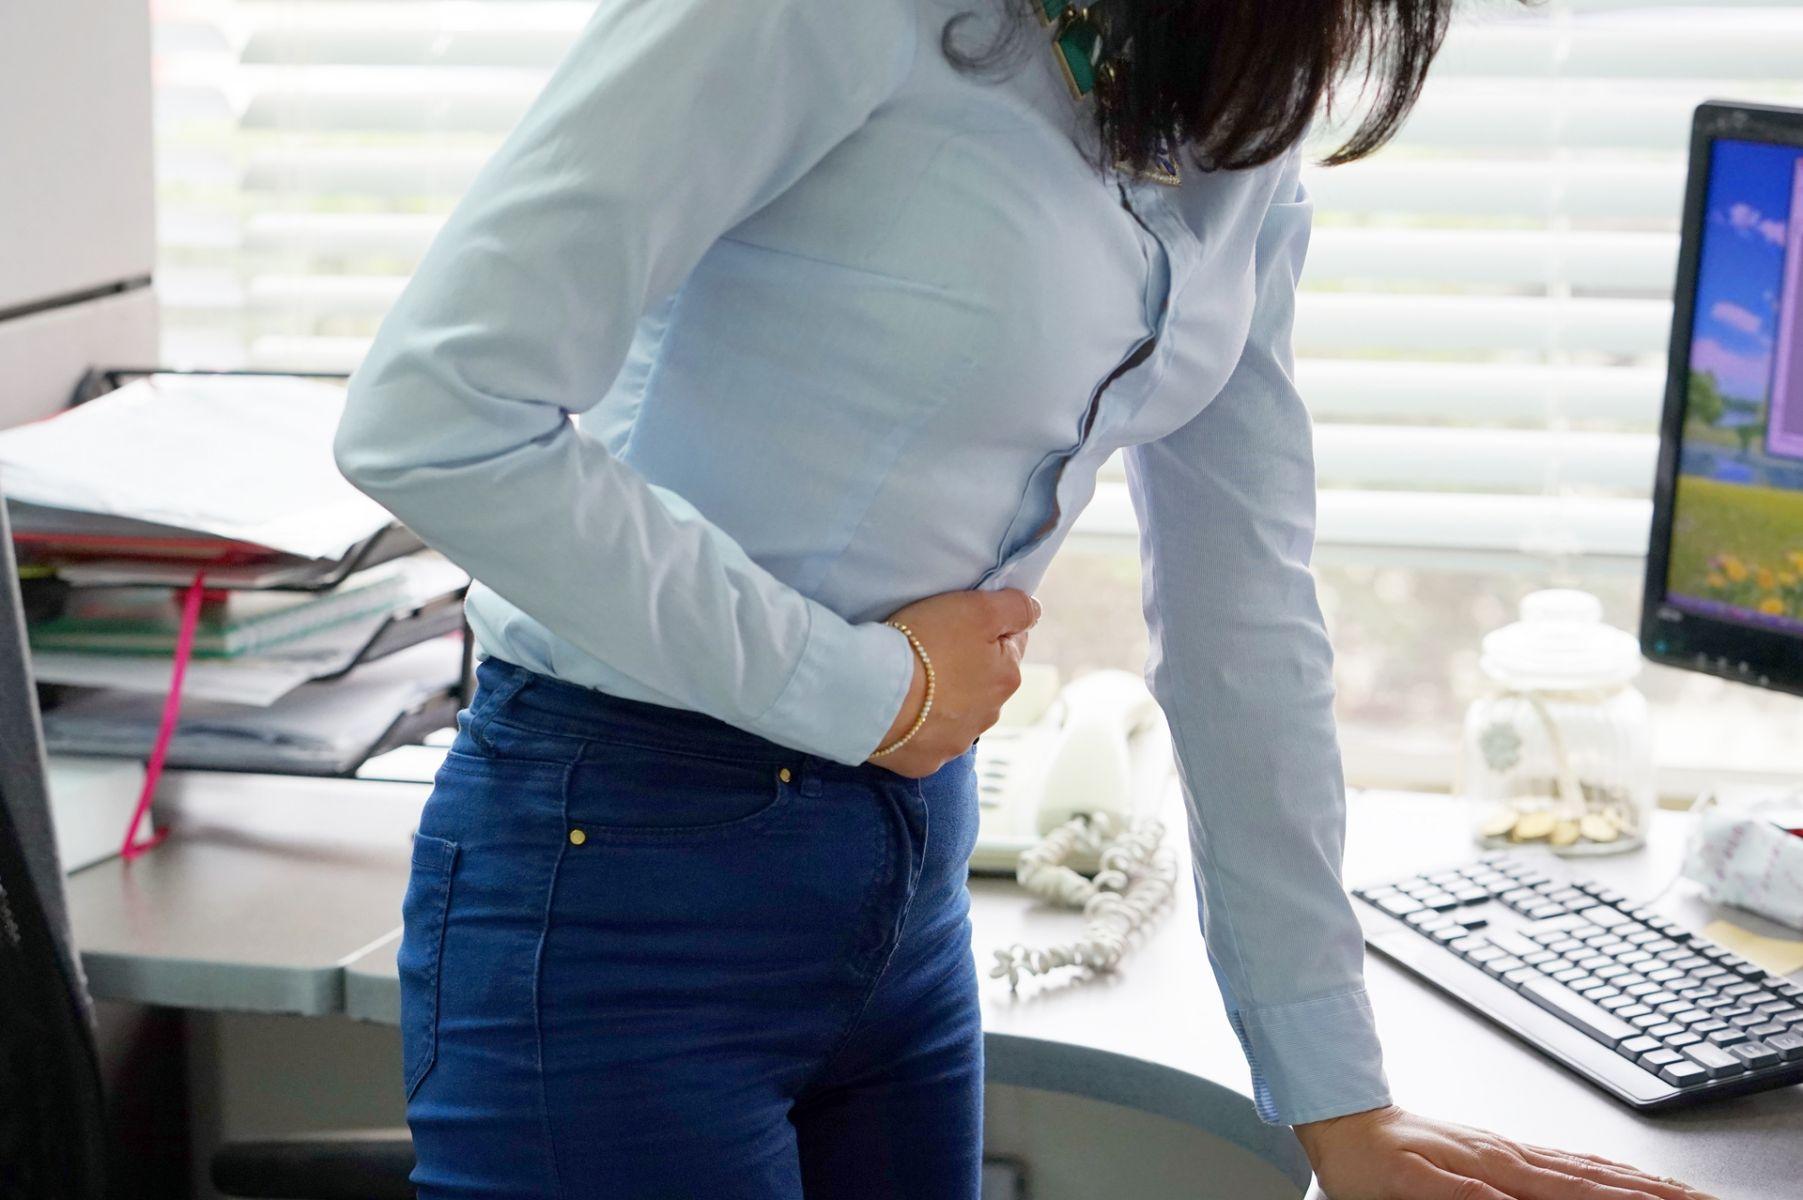 經痛怎麼辦?教你六招辦公室也能做的穴位按摩